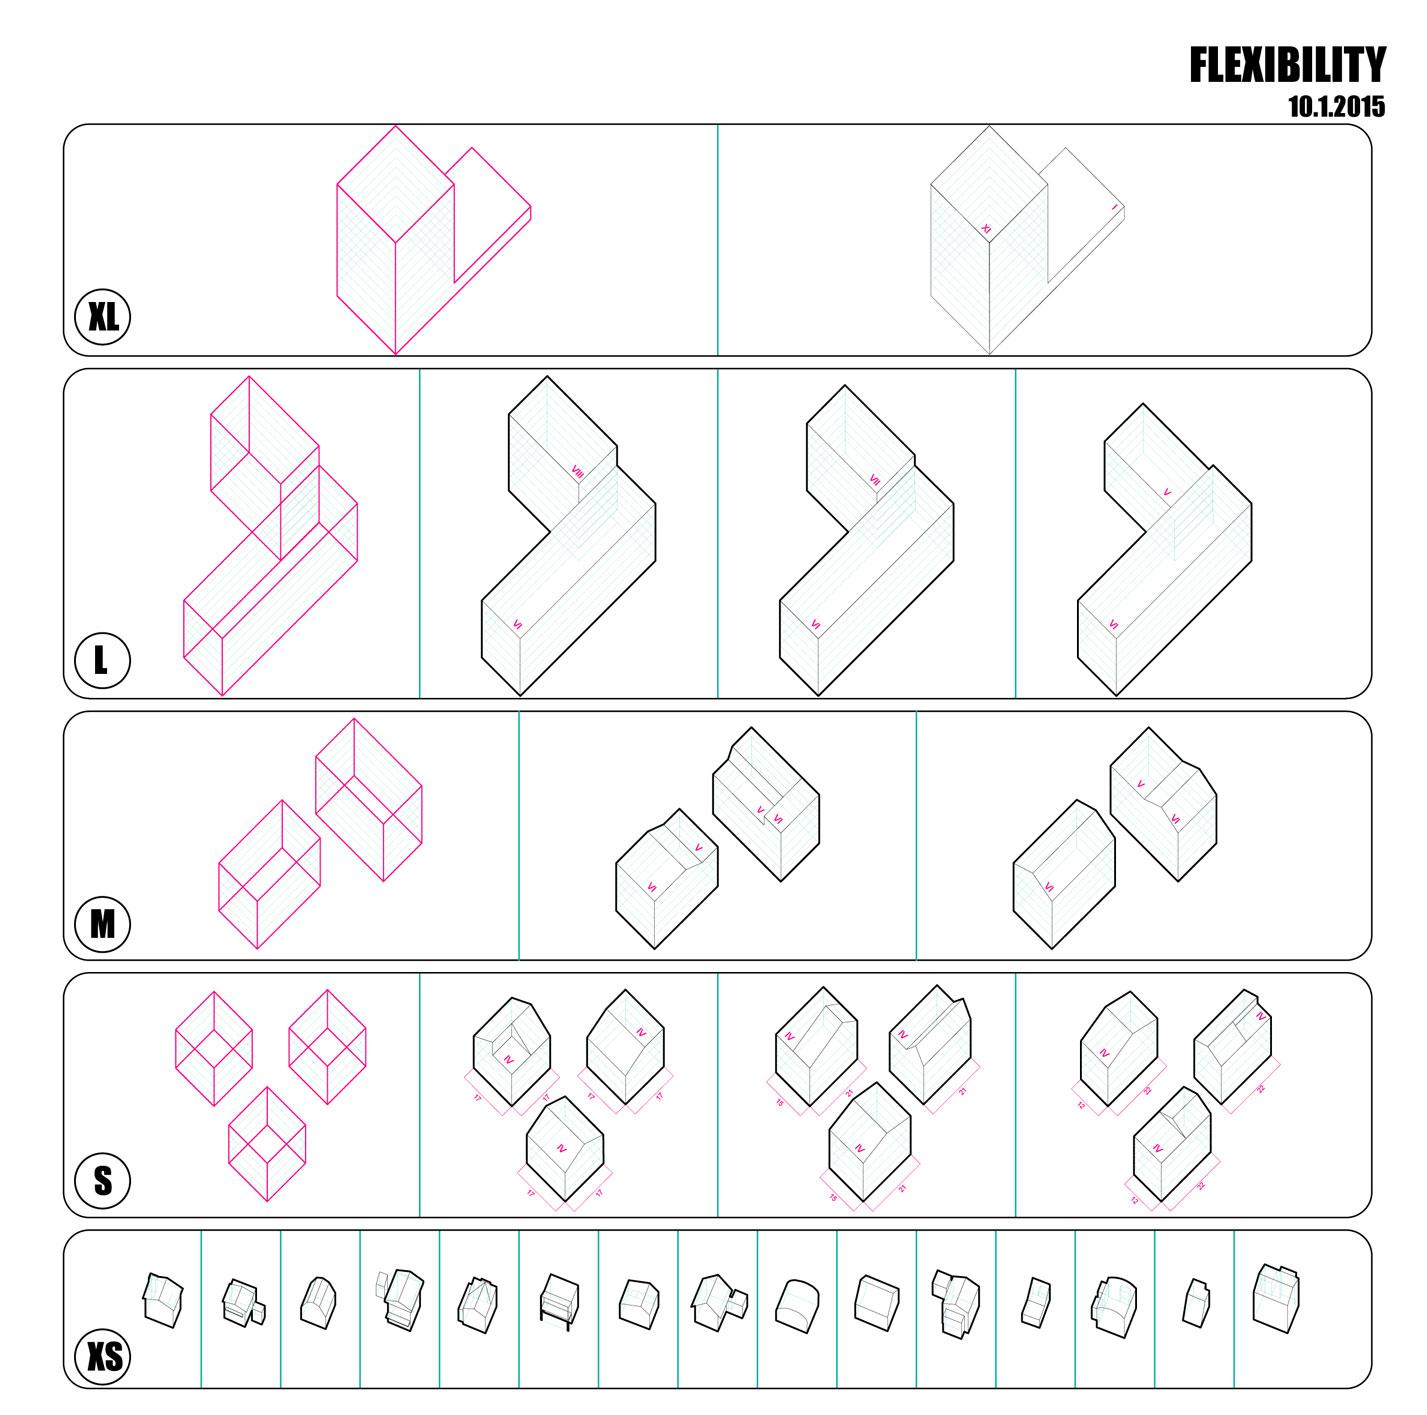 Siemensacker_Flexibility_WEB